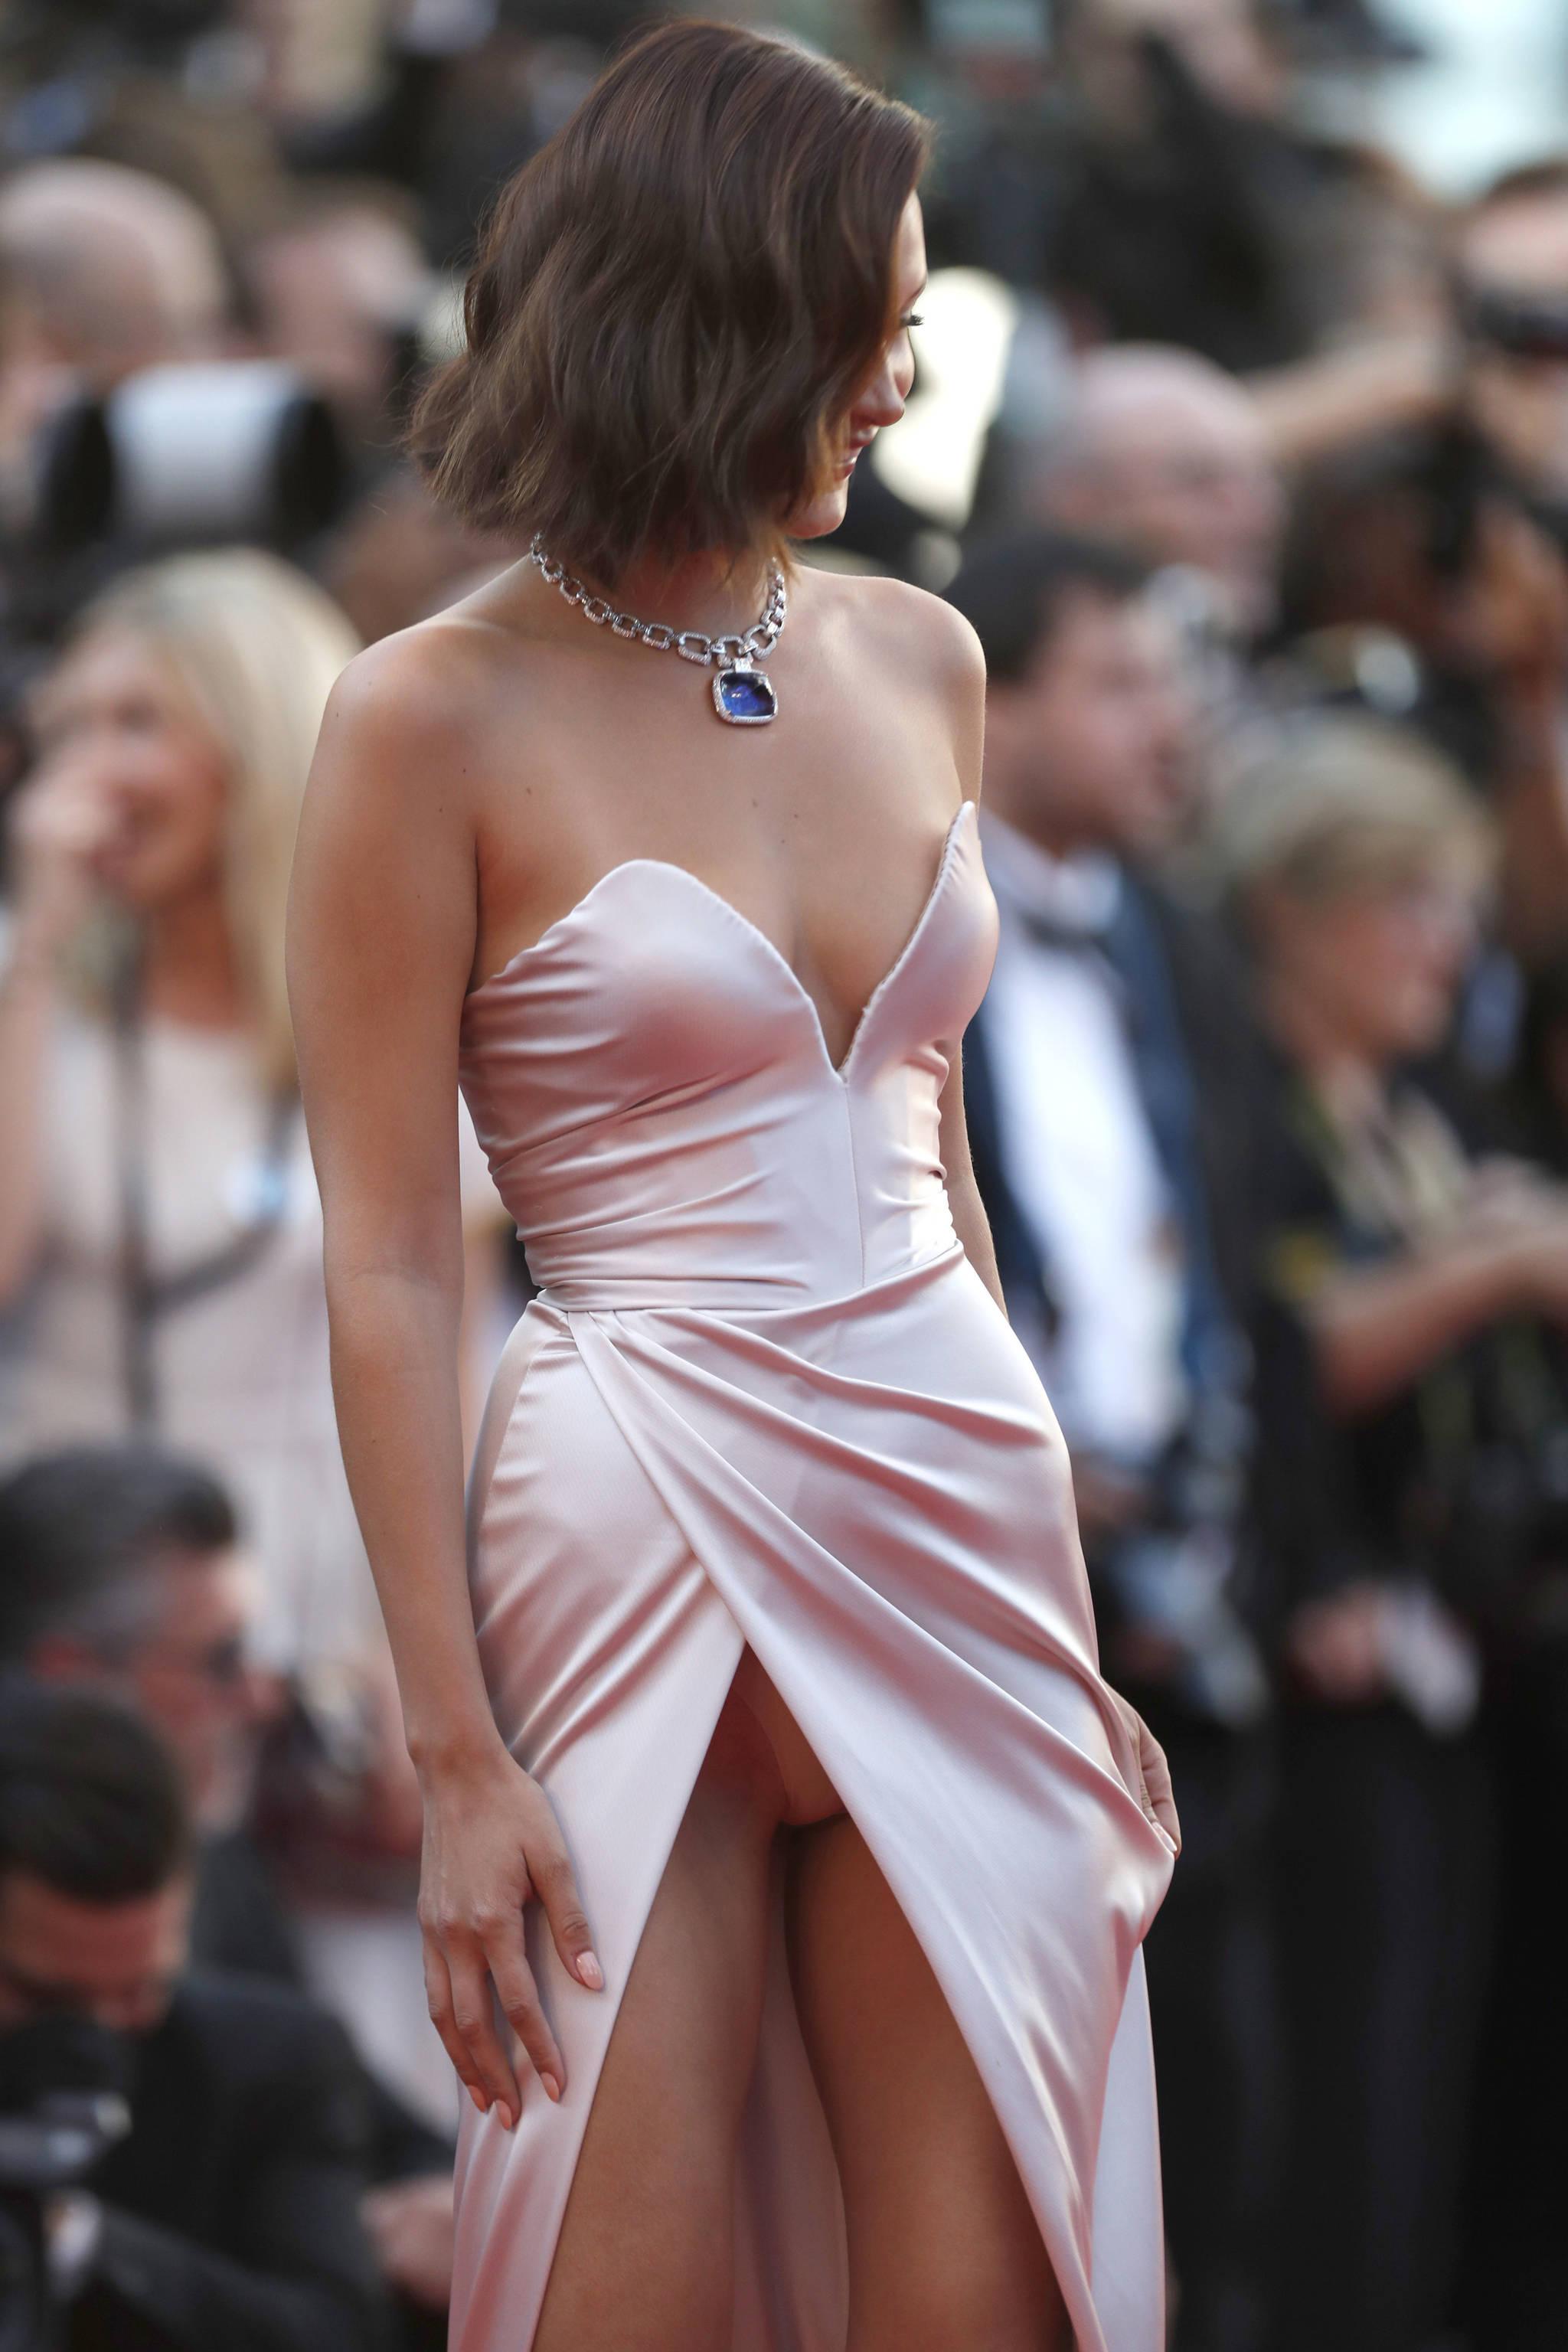 미국의 패션모델 벨라 하디드가 17일(현지시간) 제70회 프랑스 칸 국제영화제 개막식 레드카펫에 출연해있다. 하디드는 레드카펫에서 파격적인 의상을 선보이는 것으로 유명하다.[AP=뉴시스]